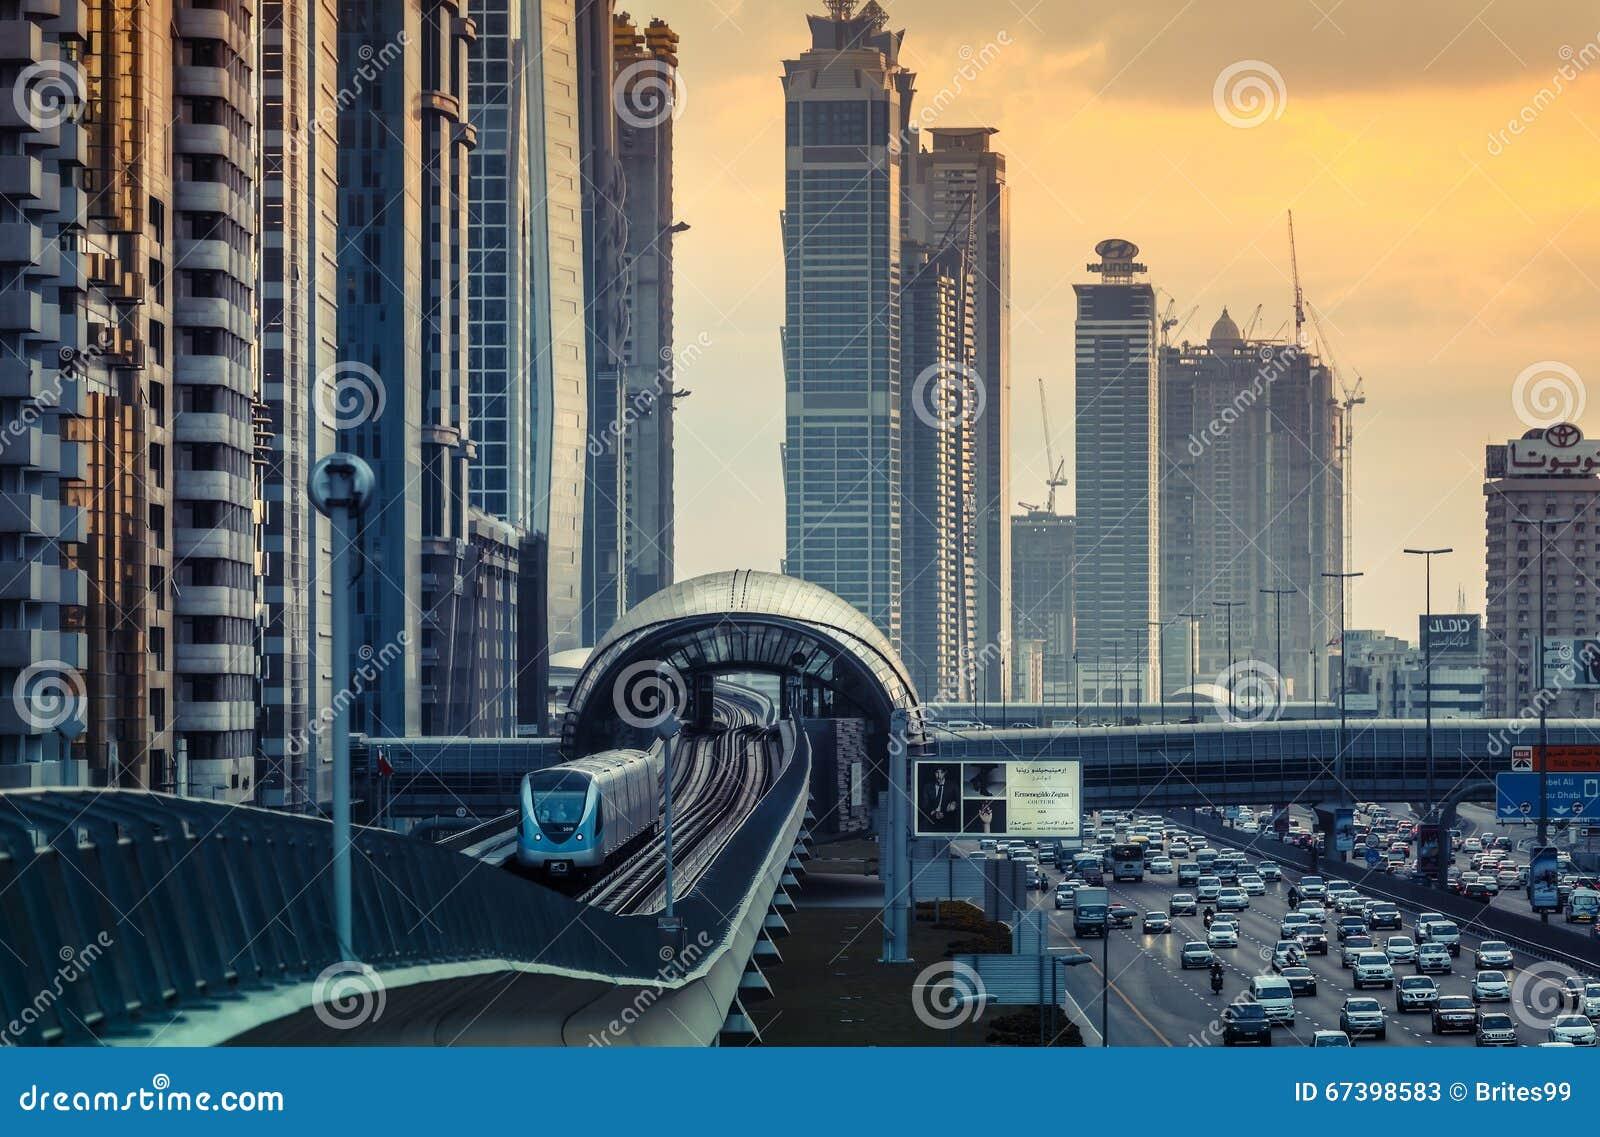 DUBAJ, UAE - GRUDZIEŃ 16, 2015: Dubaj ` s w centrum architektura w wieczór z metro jednoszynowym pociągiem przyjeżdża przy stacją